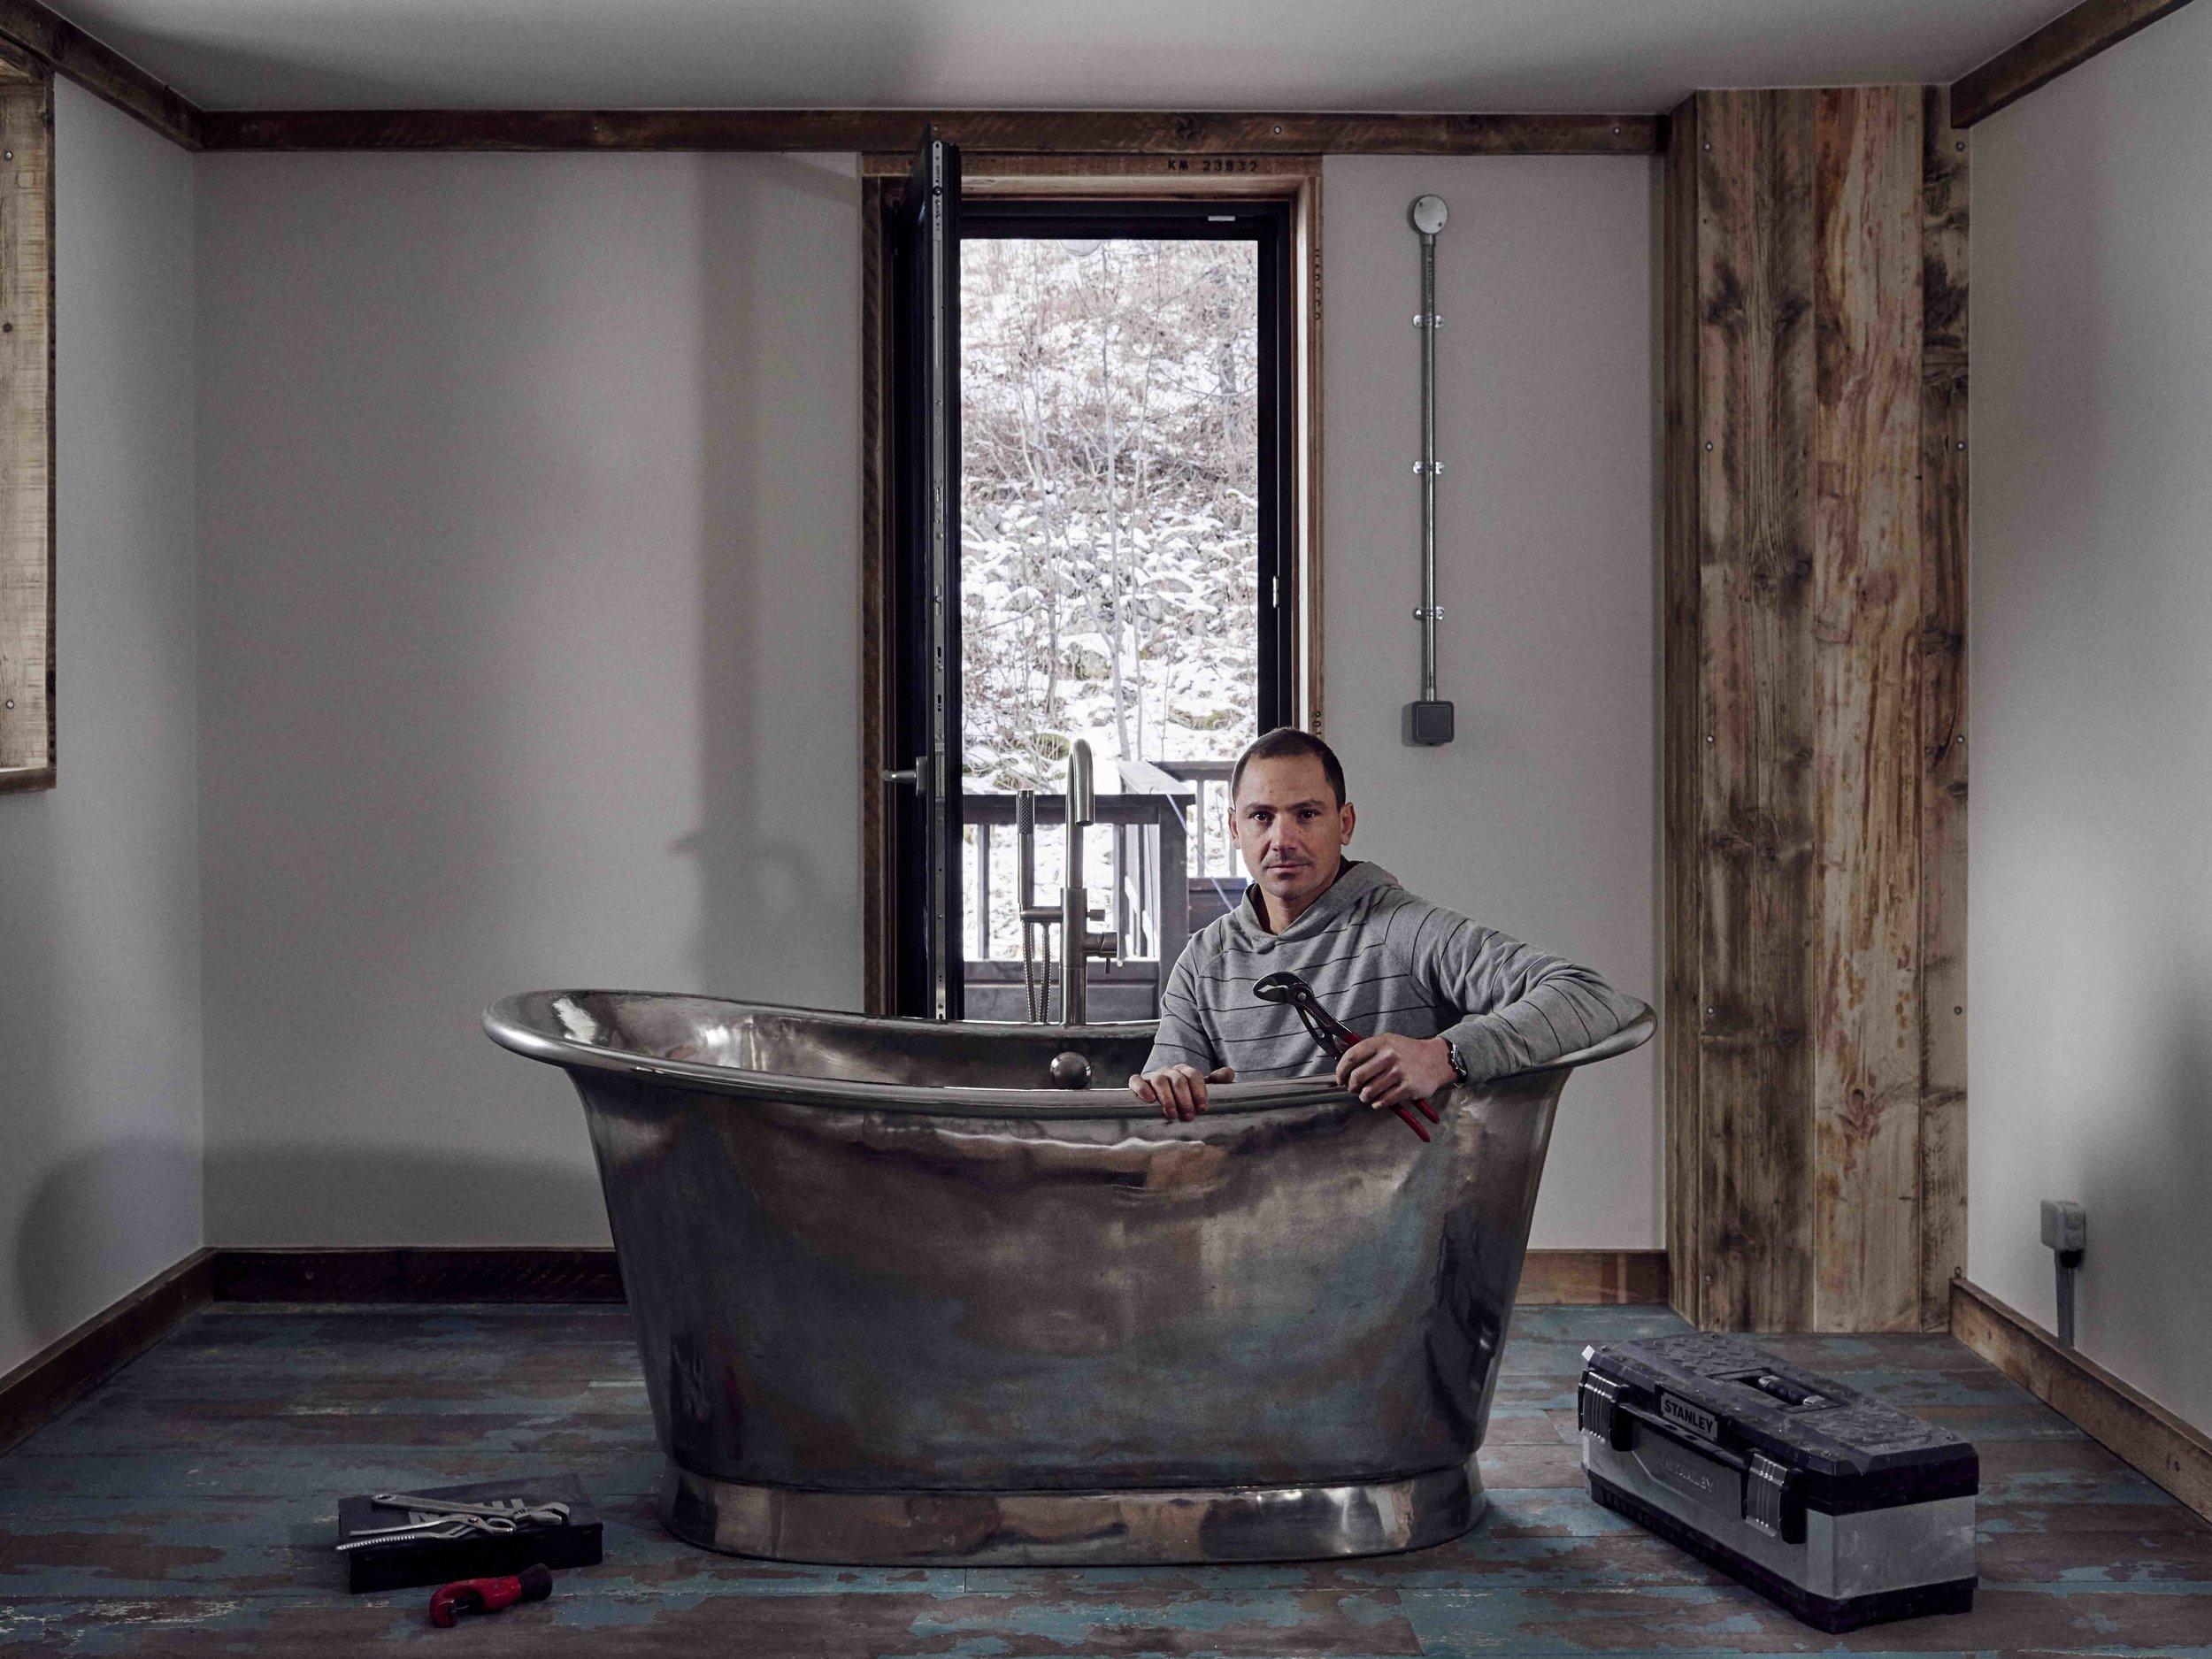 Seb   plumber